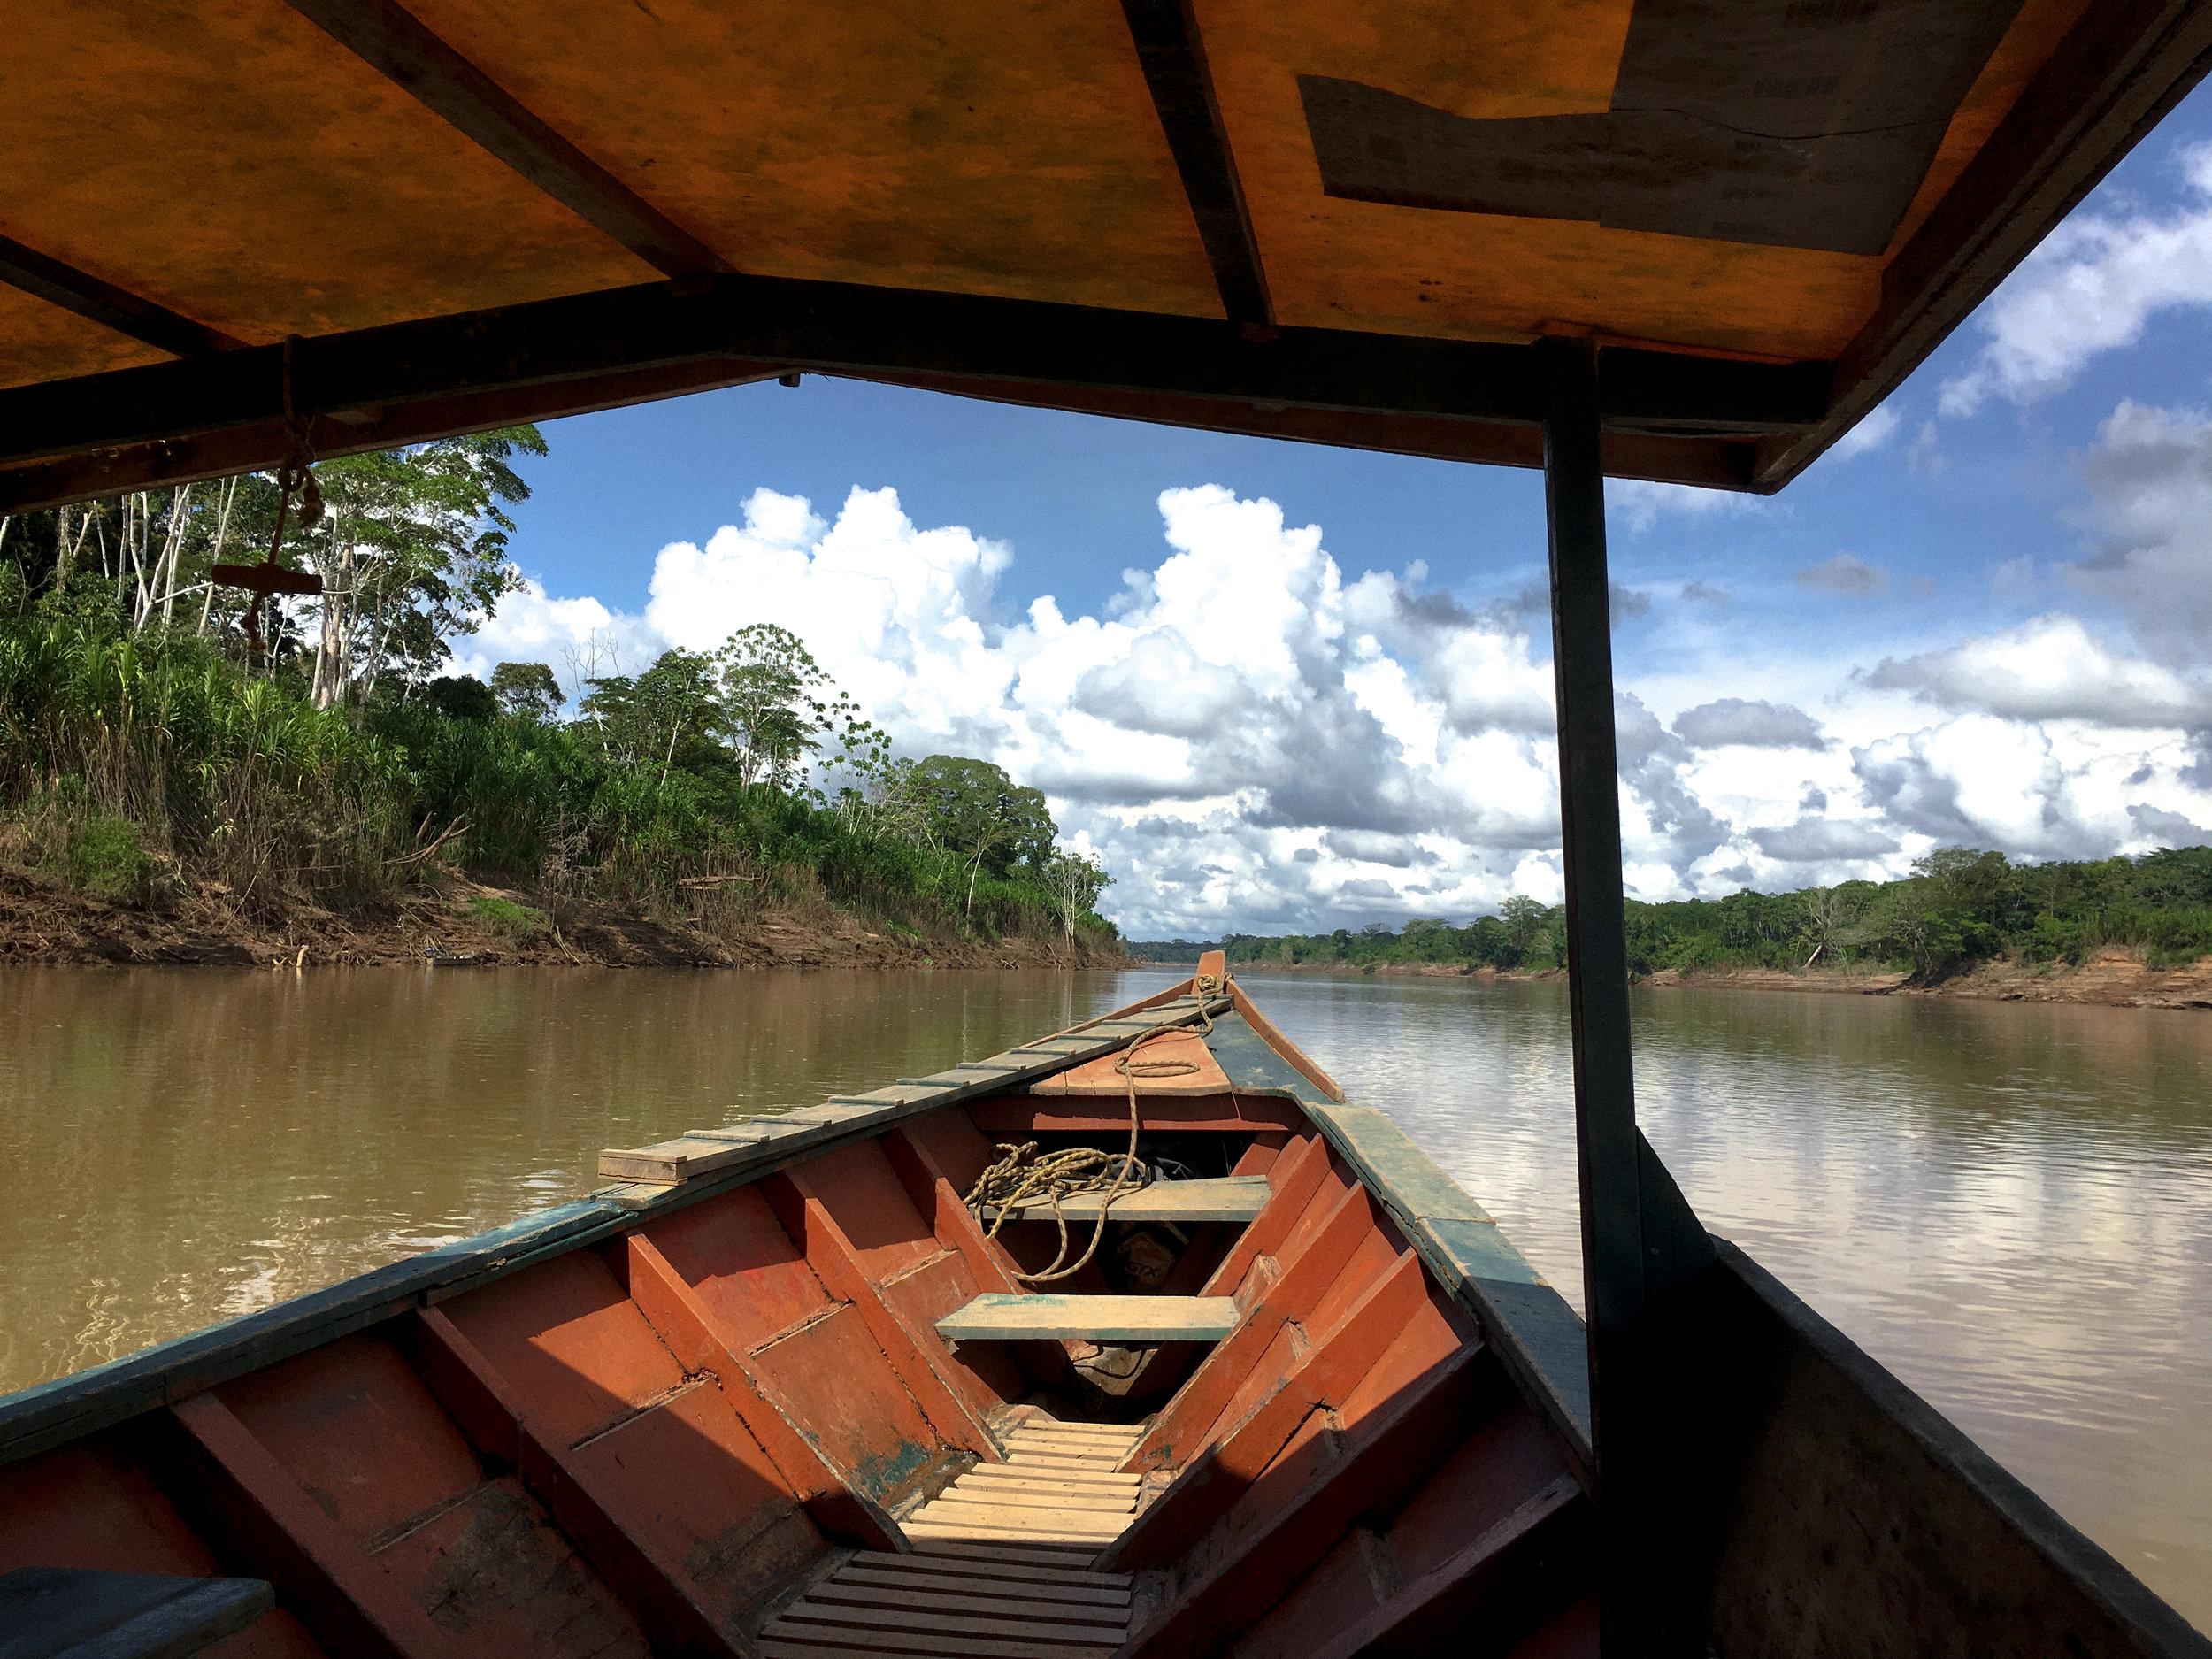 The Tambopata River, Peru